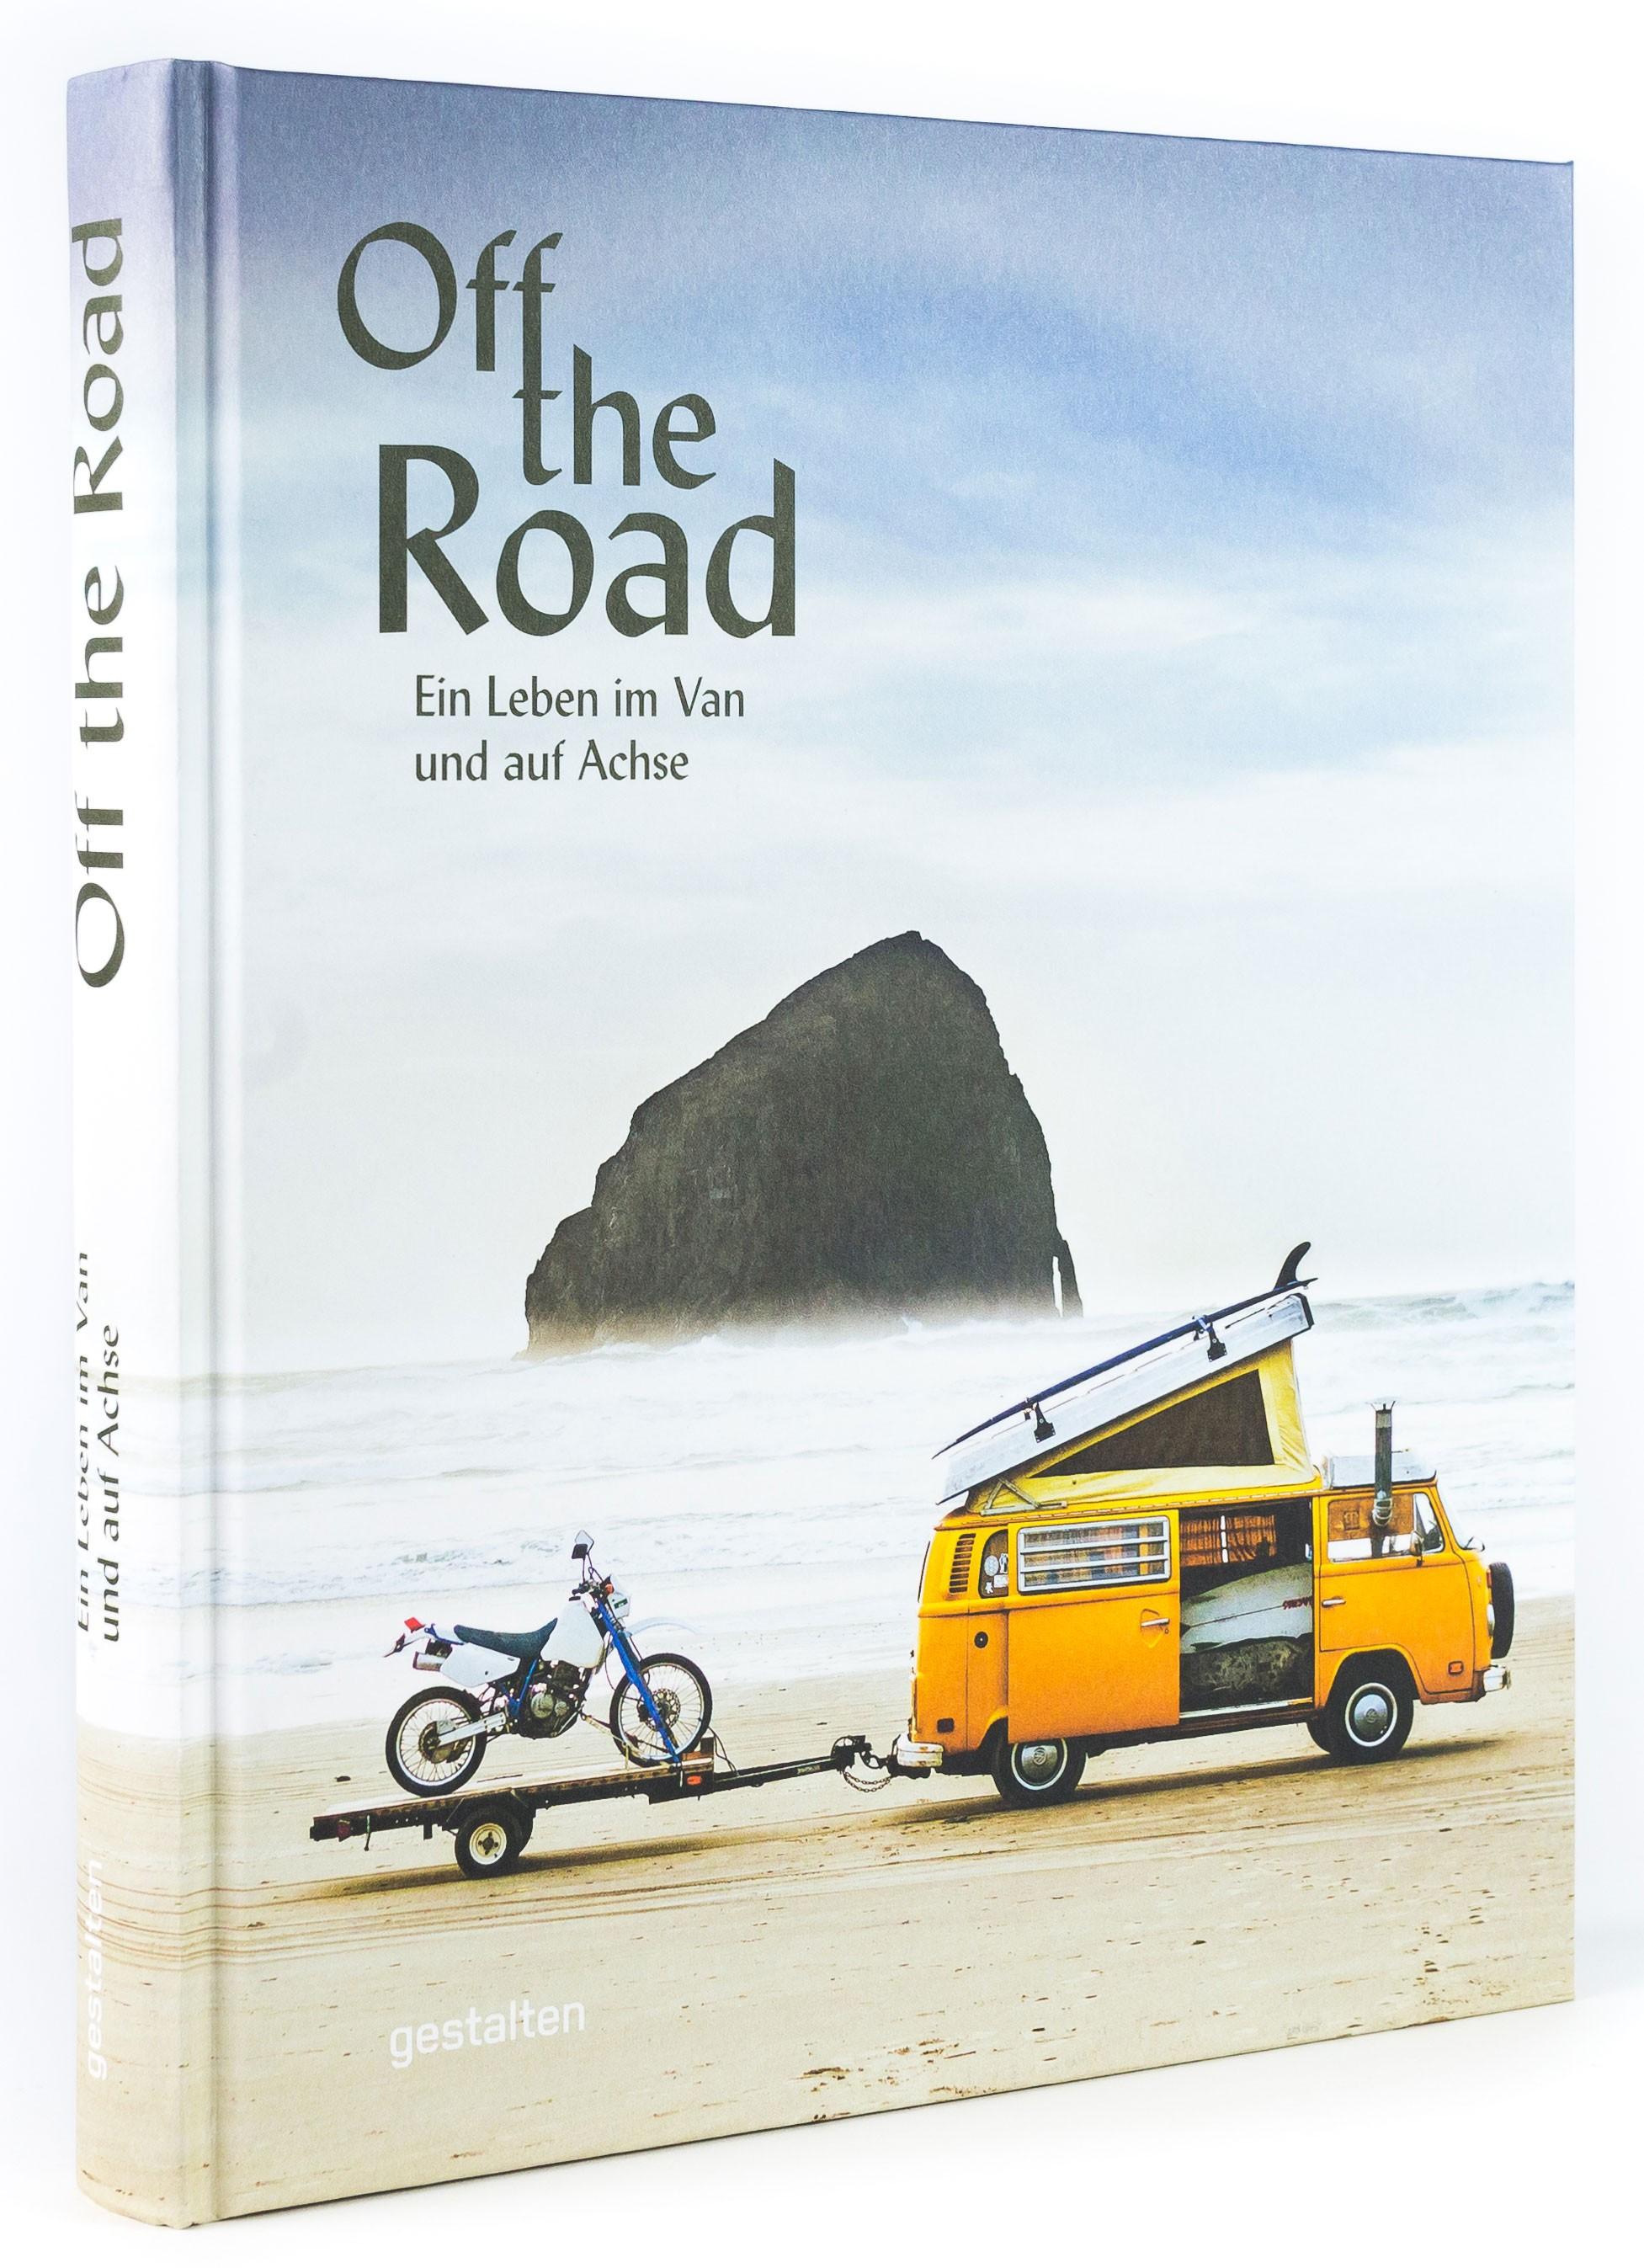 Off the road - Ein Leben im Van